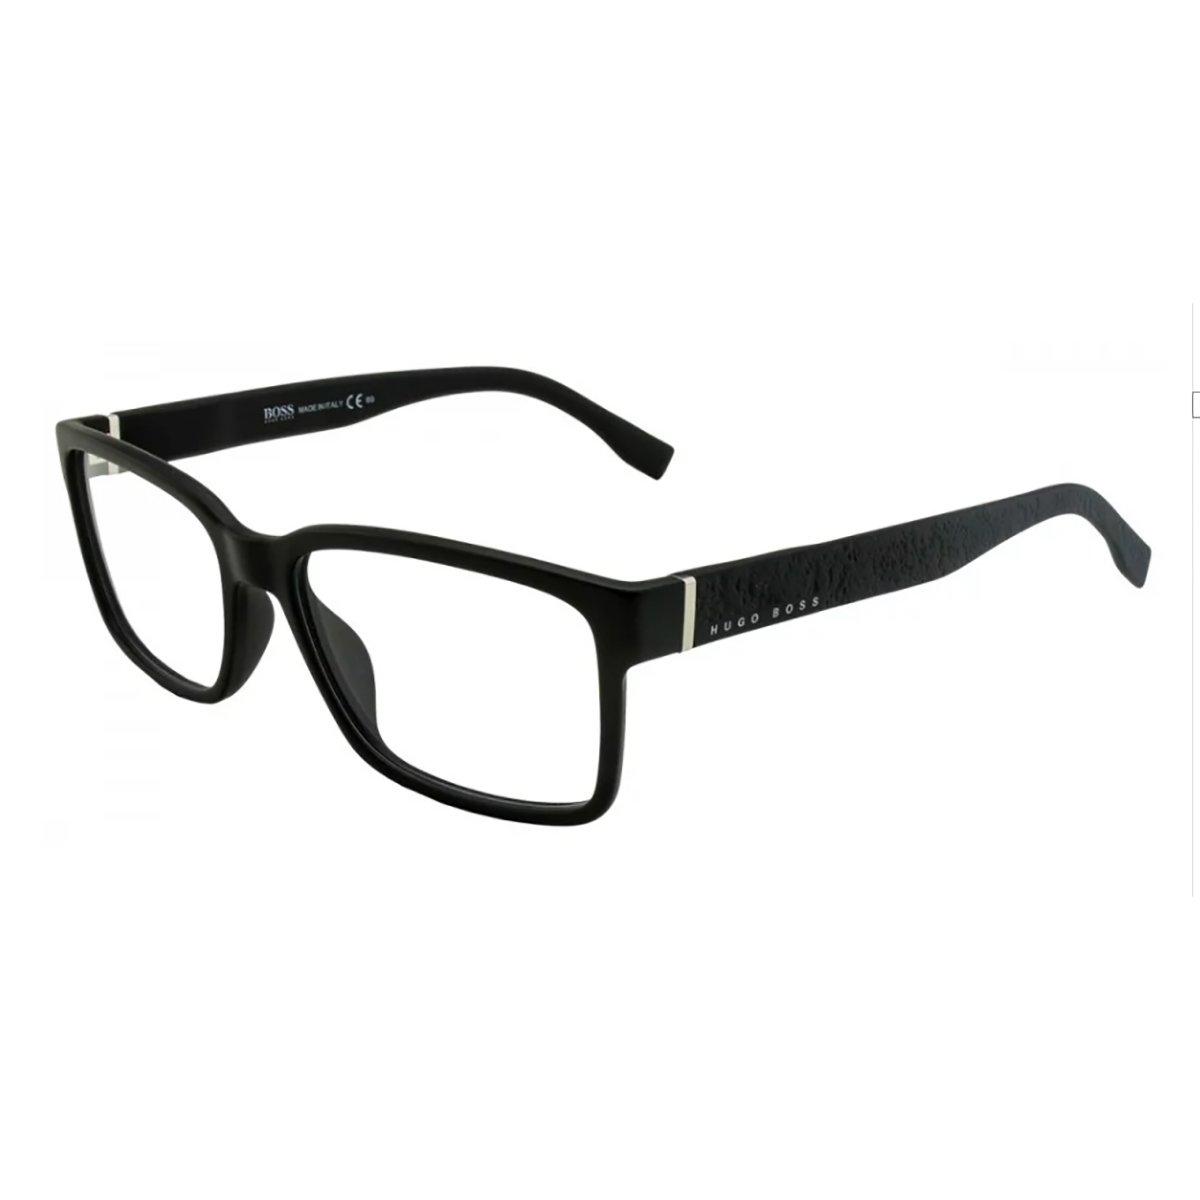 d36b445a0 Compre Óculos de Grau Hugo Boss em 10X | Tri-Jóia Shop